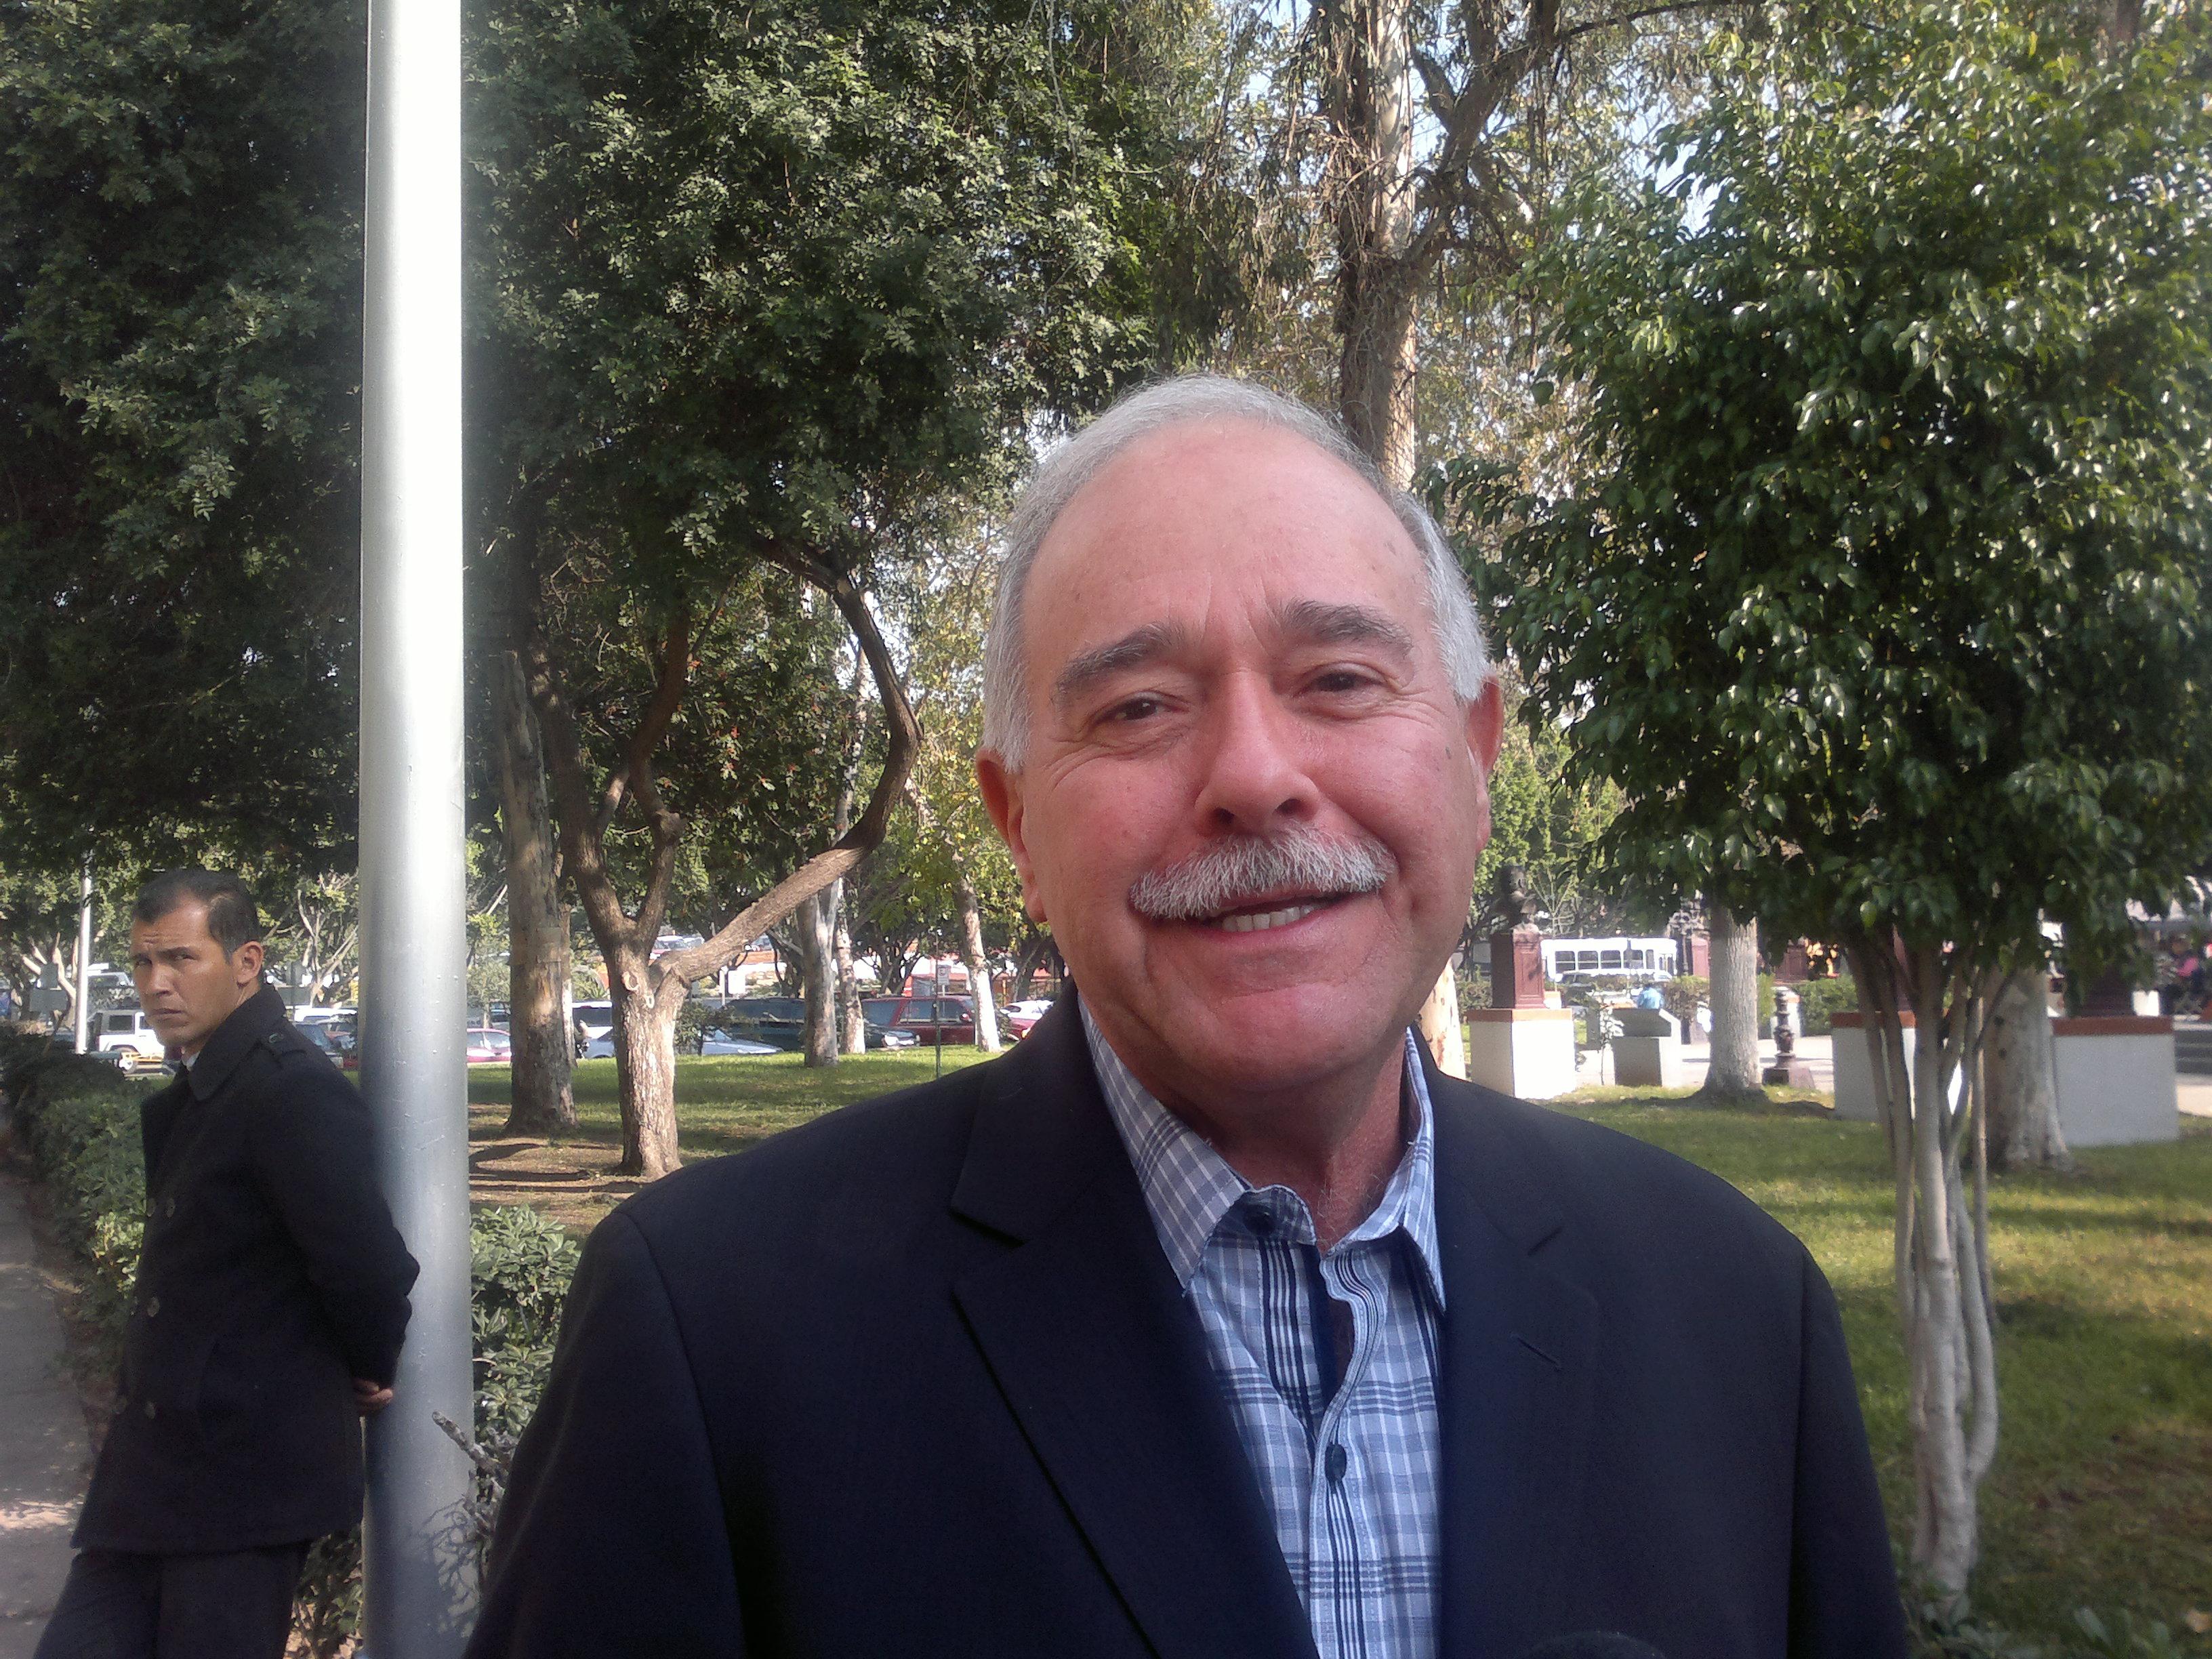 Grupos internos tienen hundido al PAN: González Alcocer